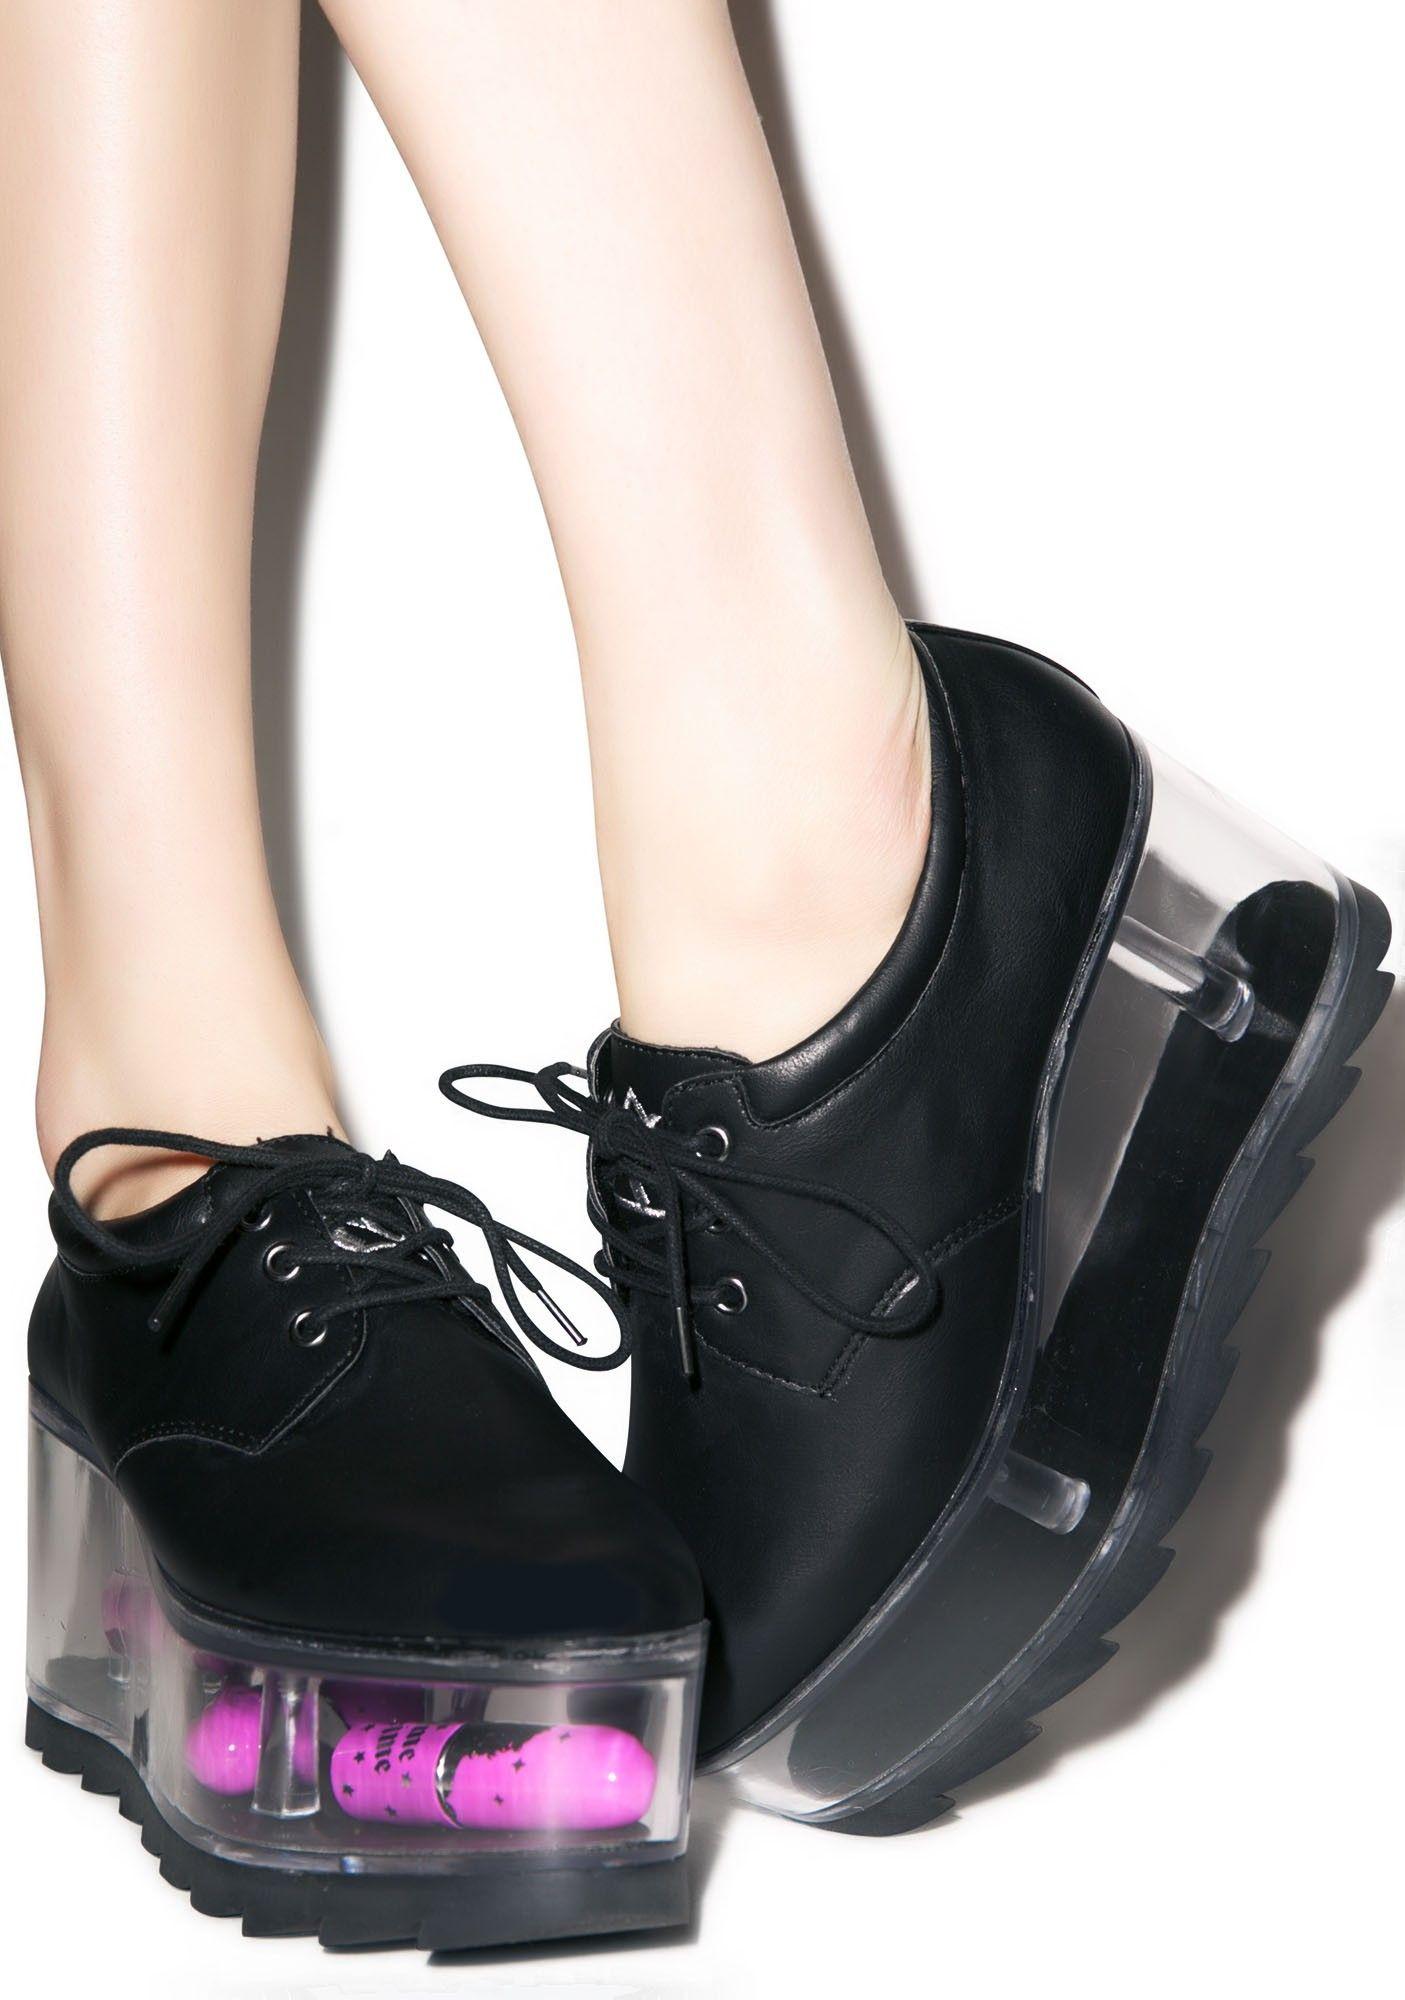 Qloud 2091 | Goth platform shoes